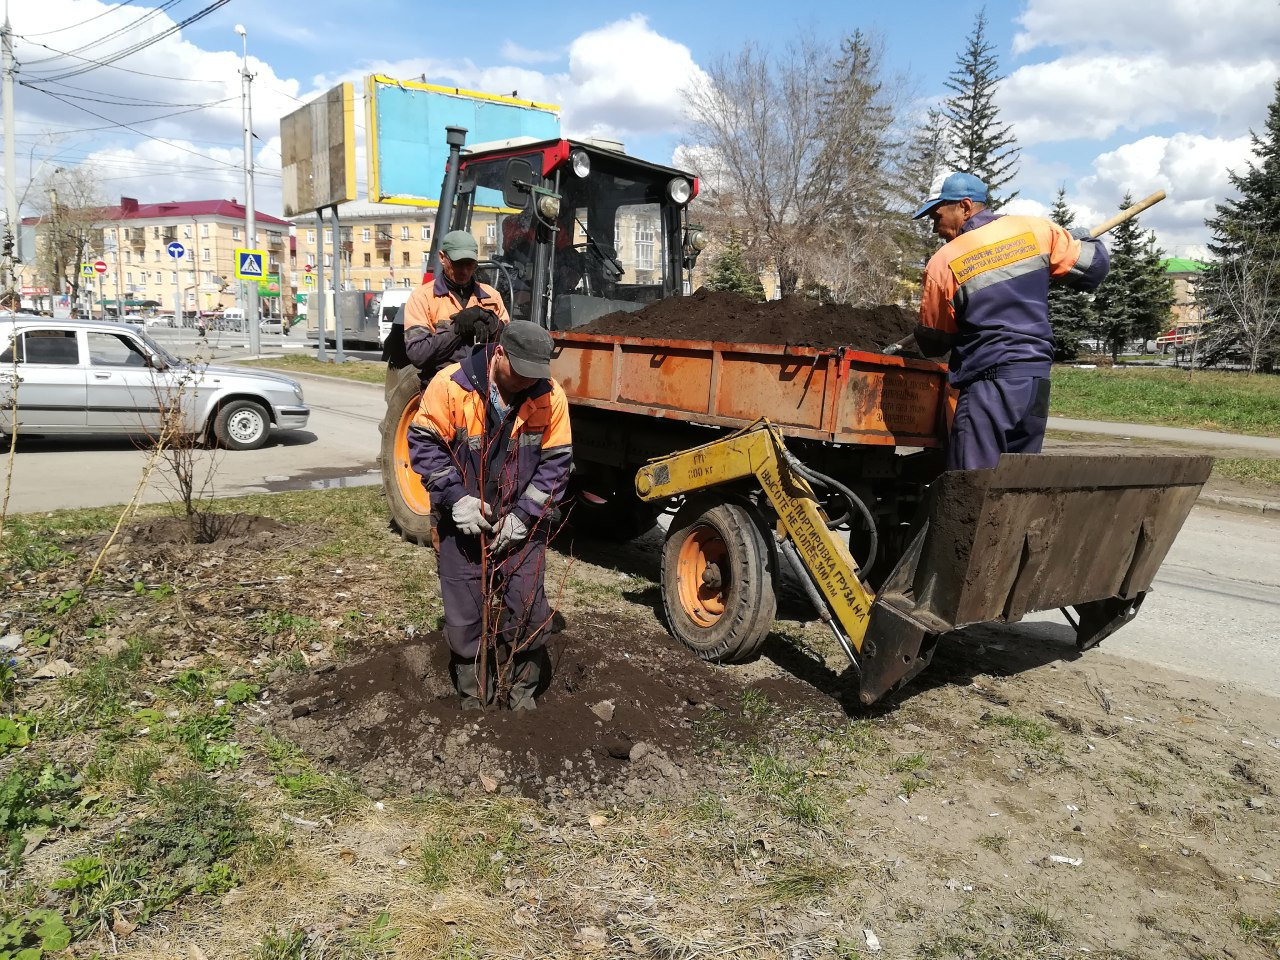 На Нефтезаводской высадили 100 саженцев липы #Новости #Общество #Омск